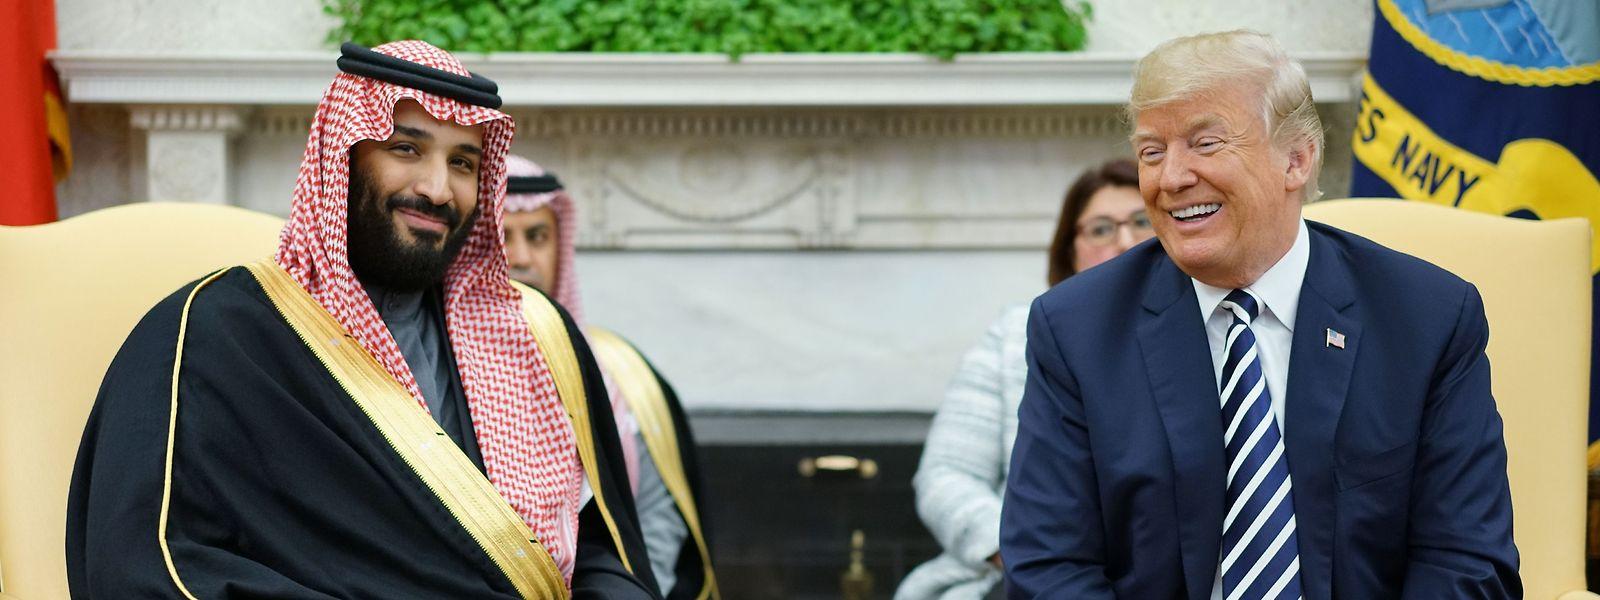 Für Donald Trump wird die innige Beziehung zum saudischen Kronprinzen zunehmend zur Belastung.